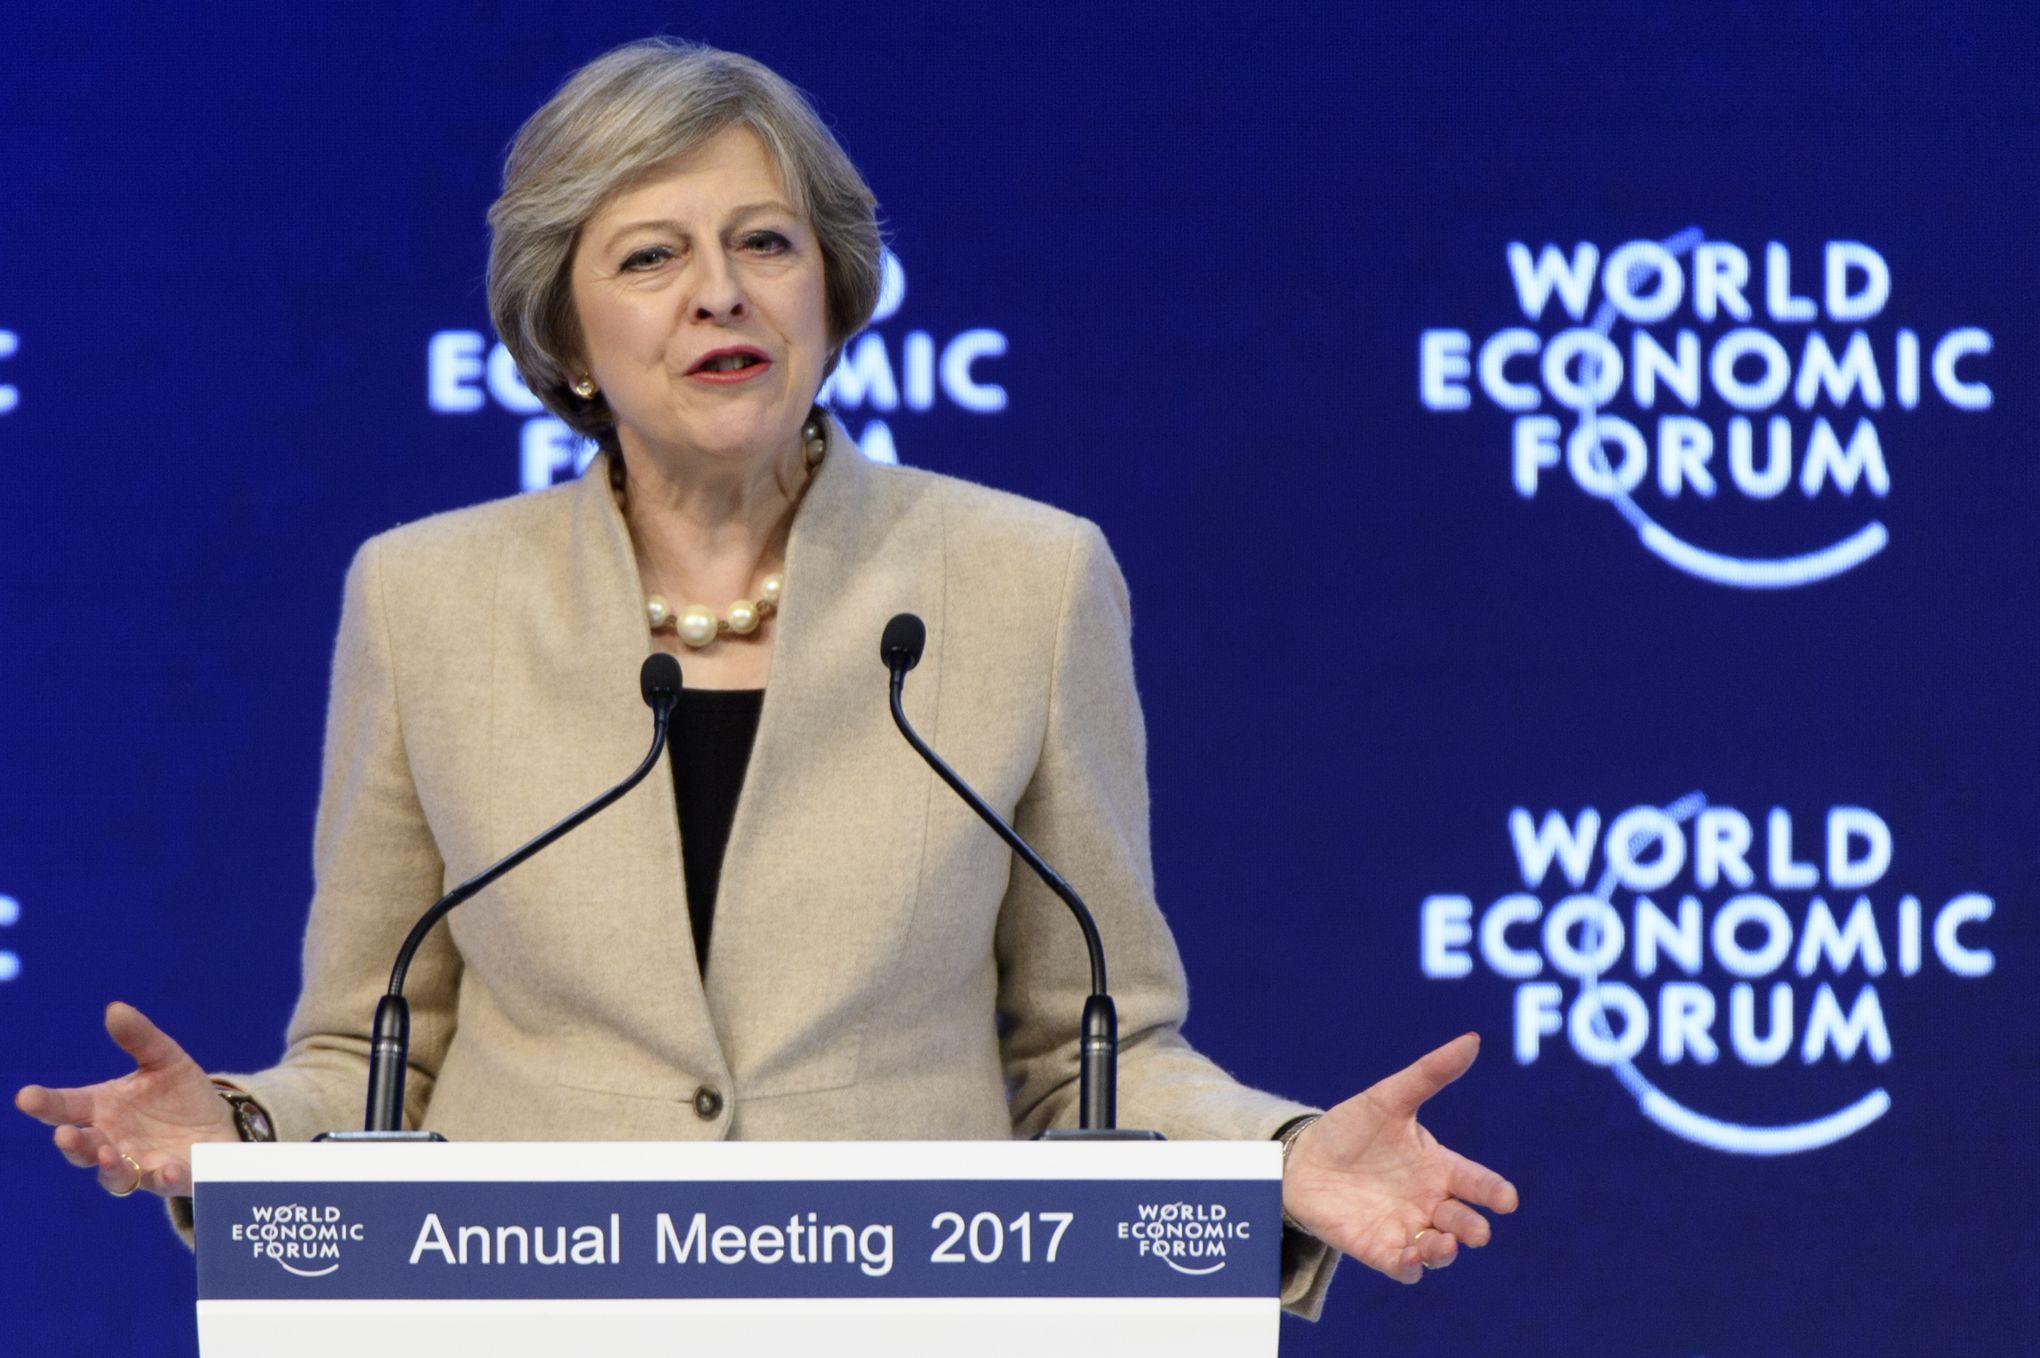 Theresa May défend les laissés pour compte de la mondialisation au Forum de Davos